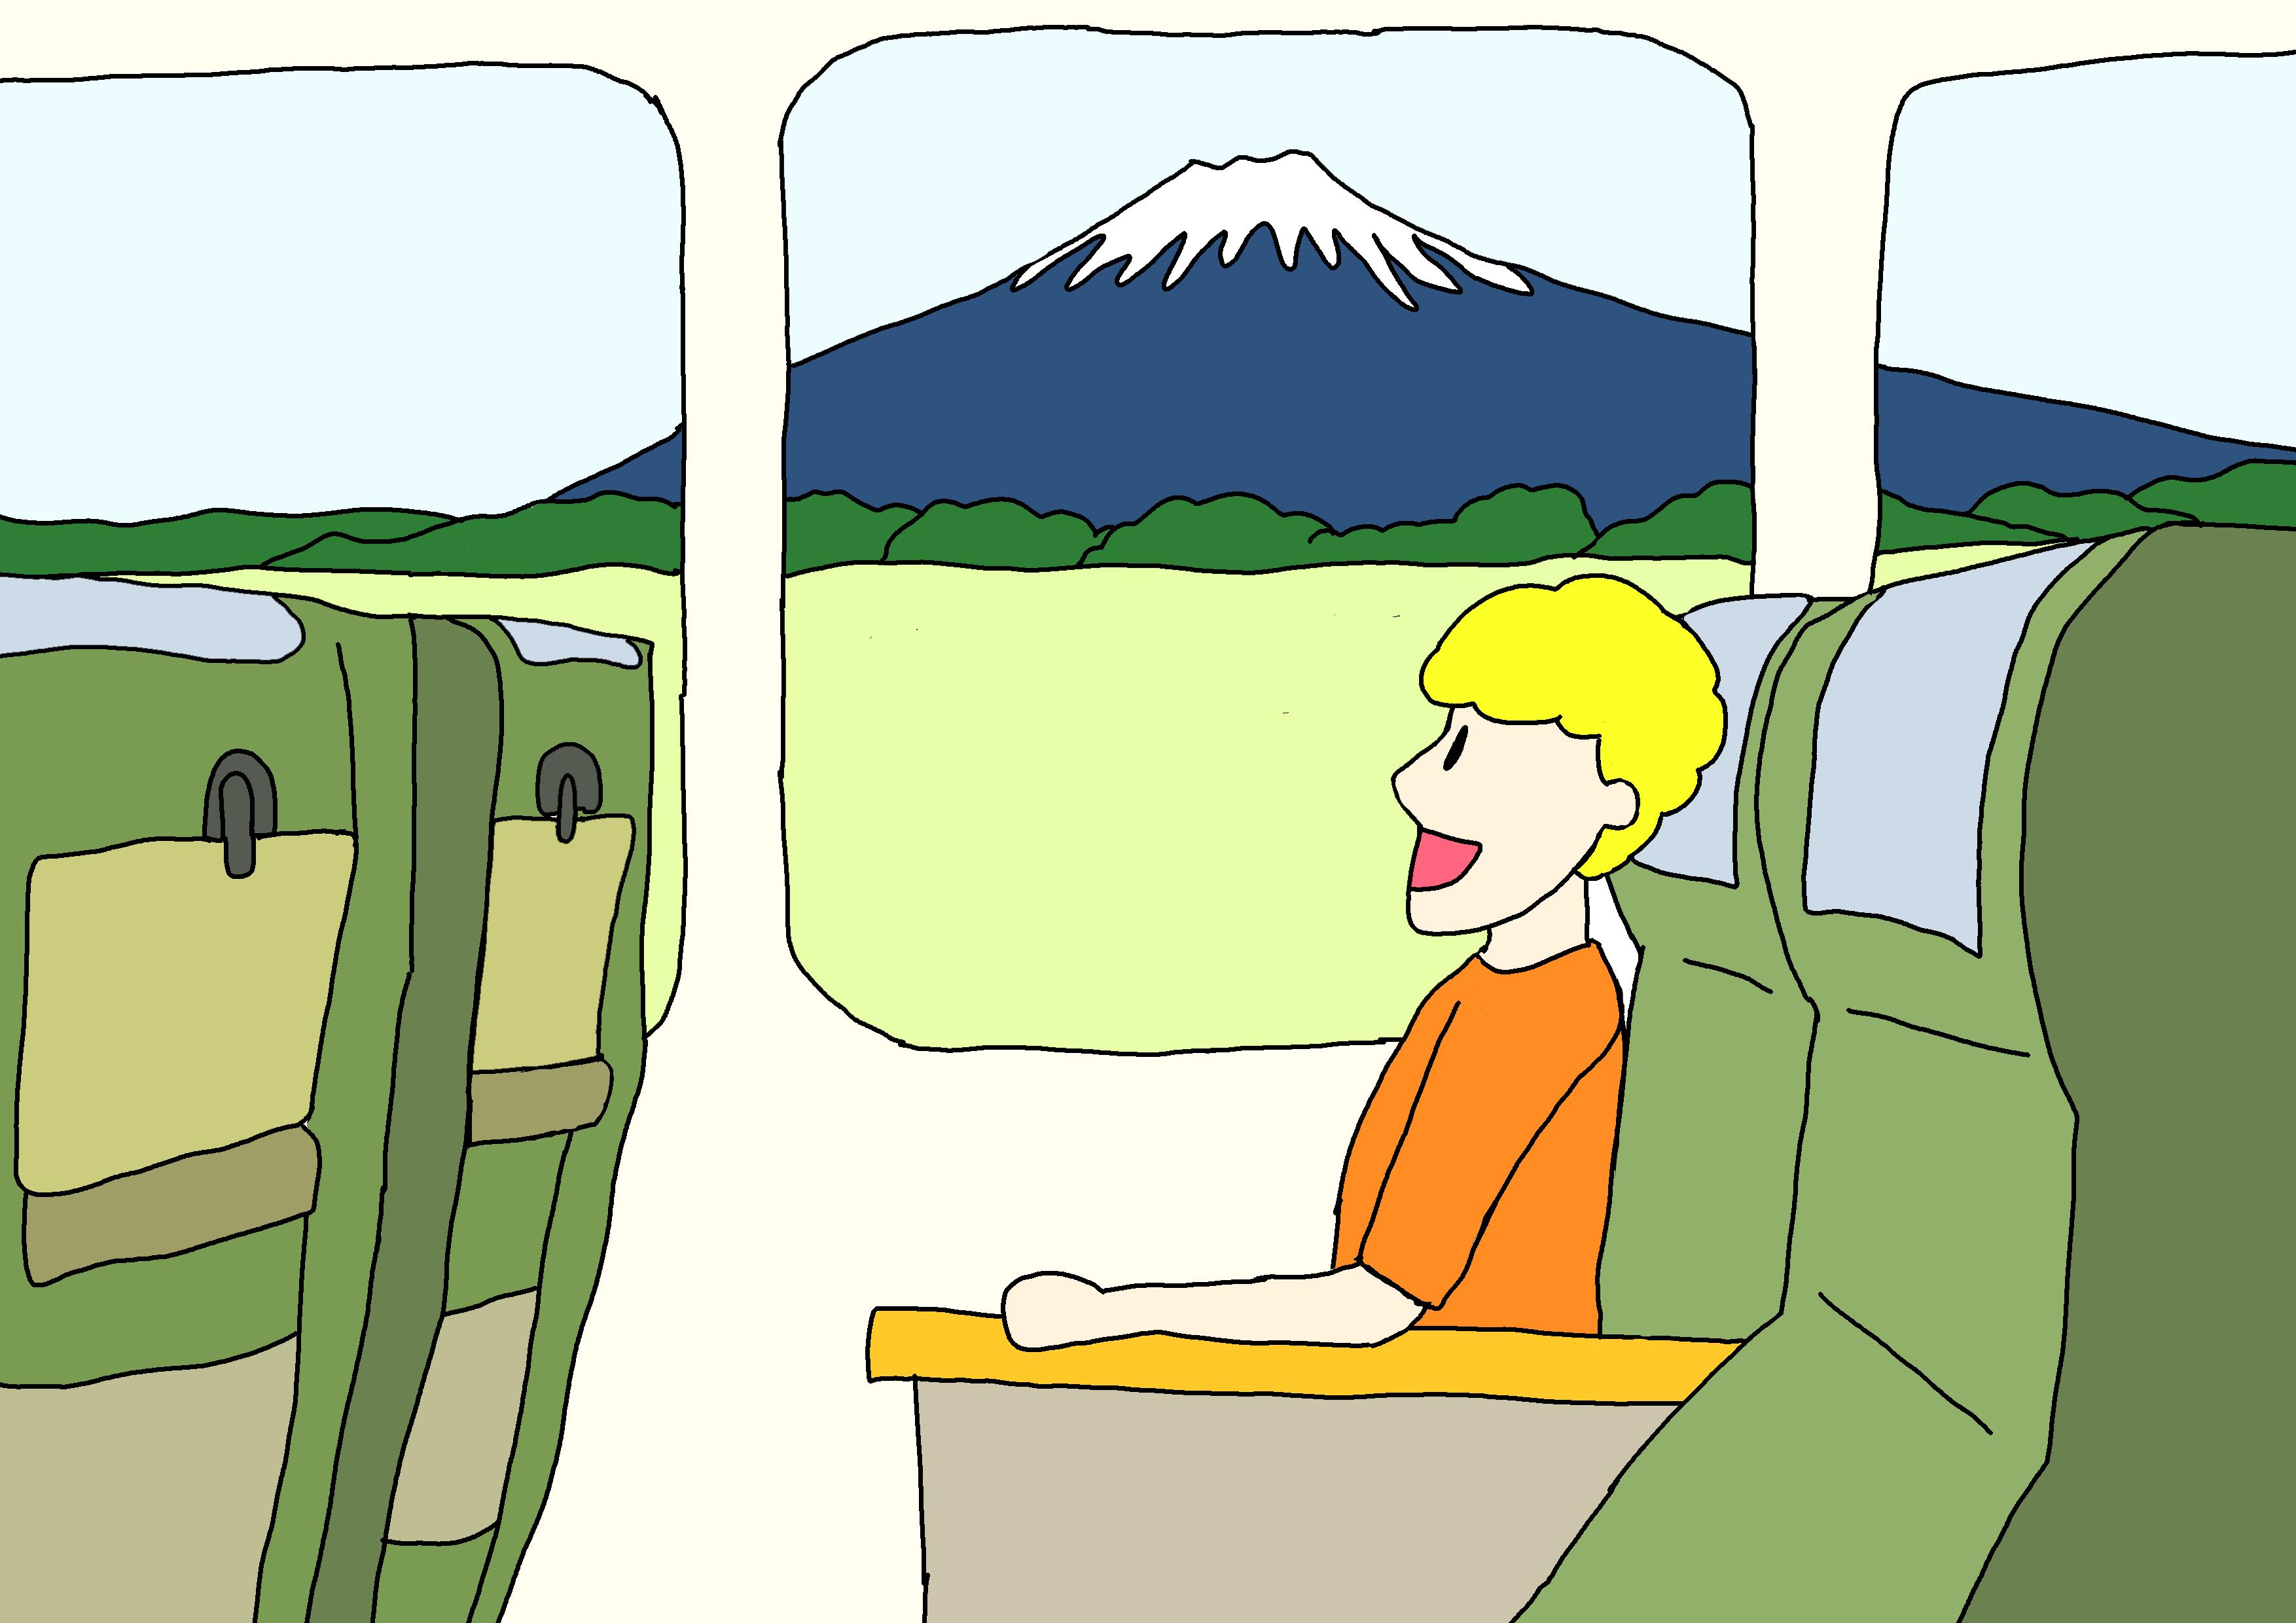 27課イラスト【見える】